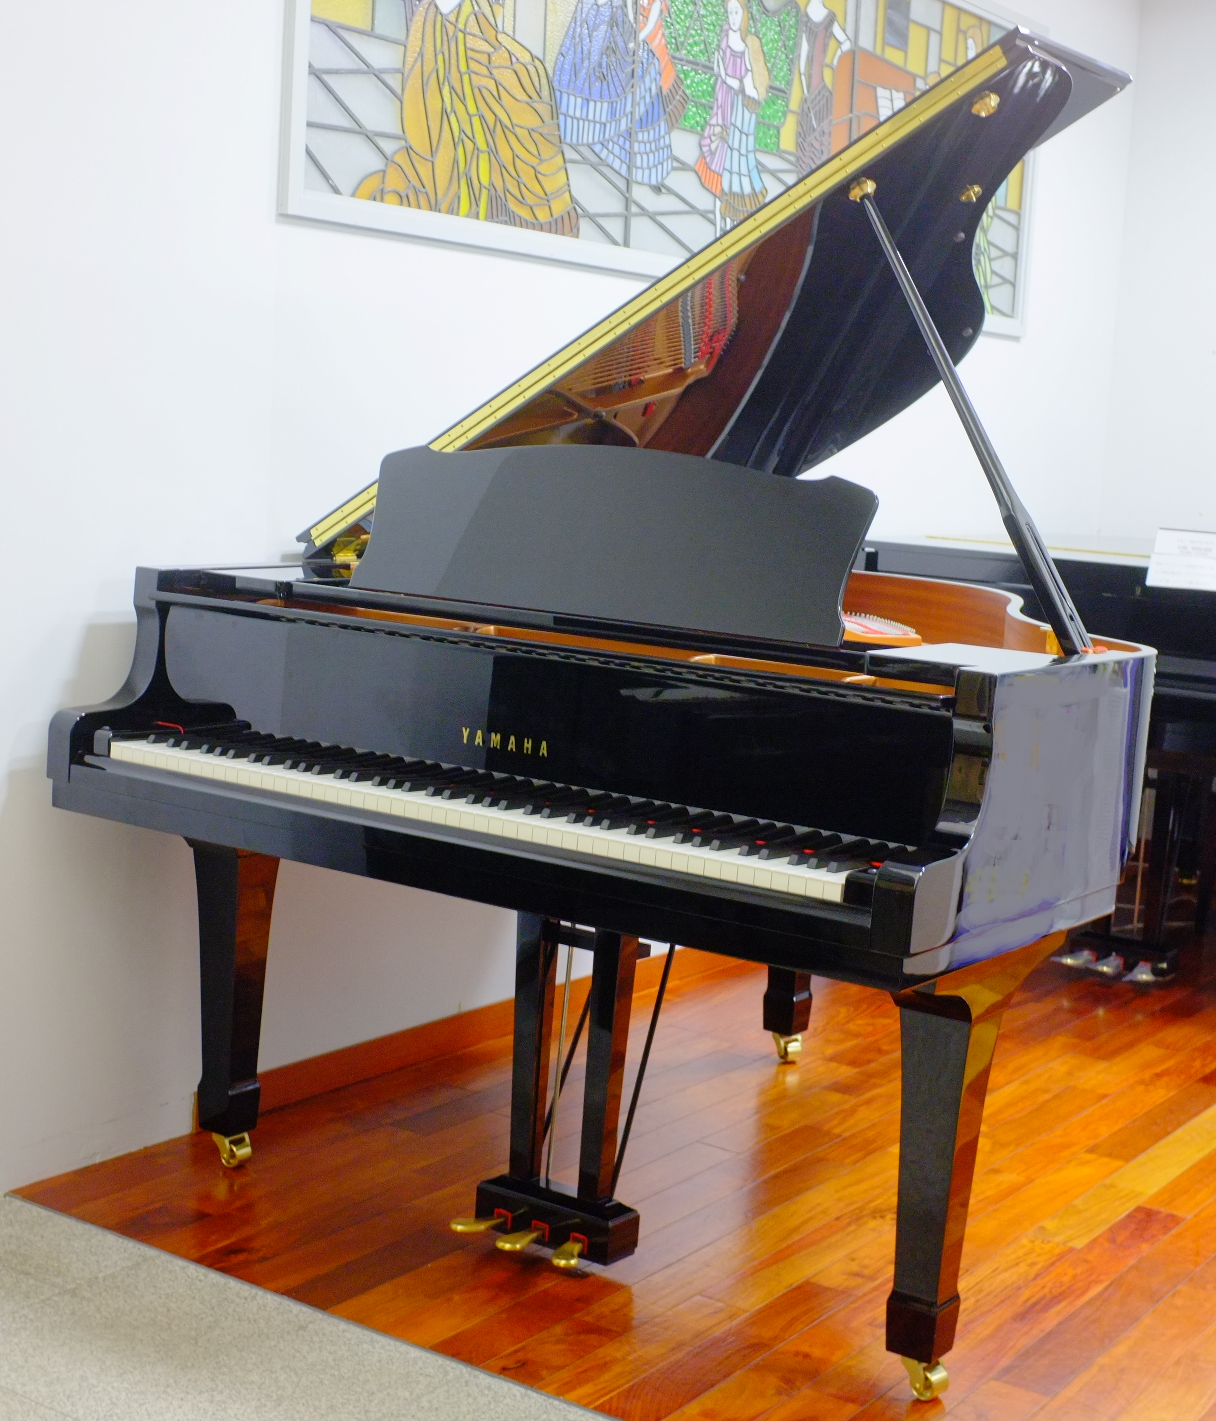 YAMAHA グランドピアノ C2